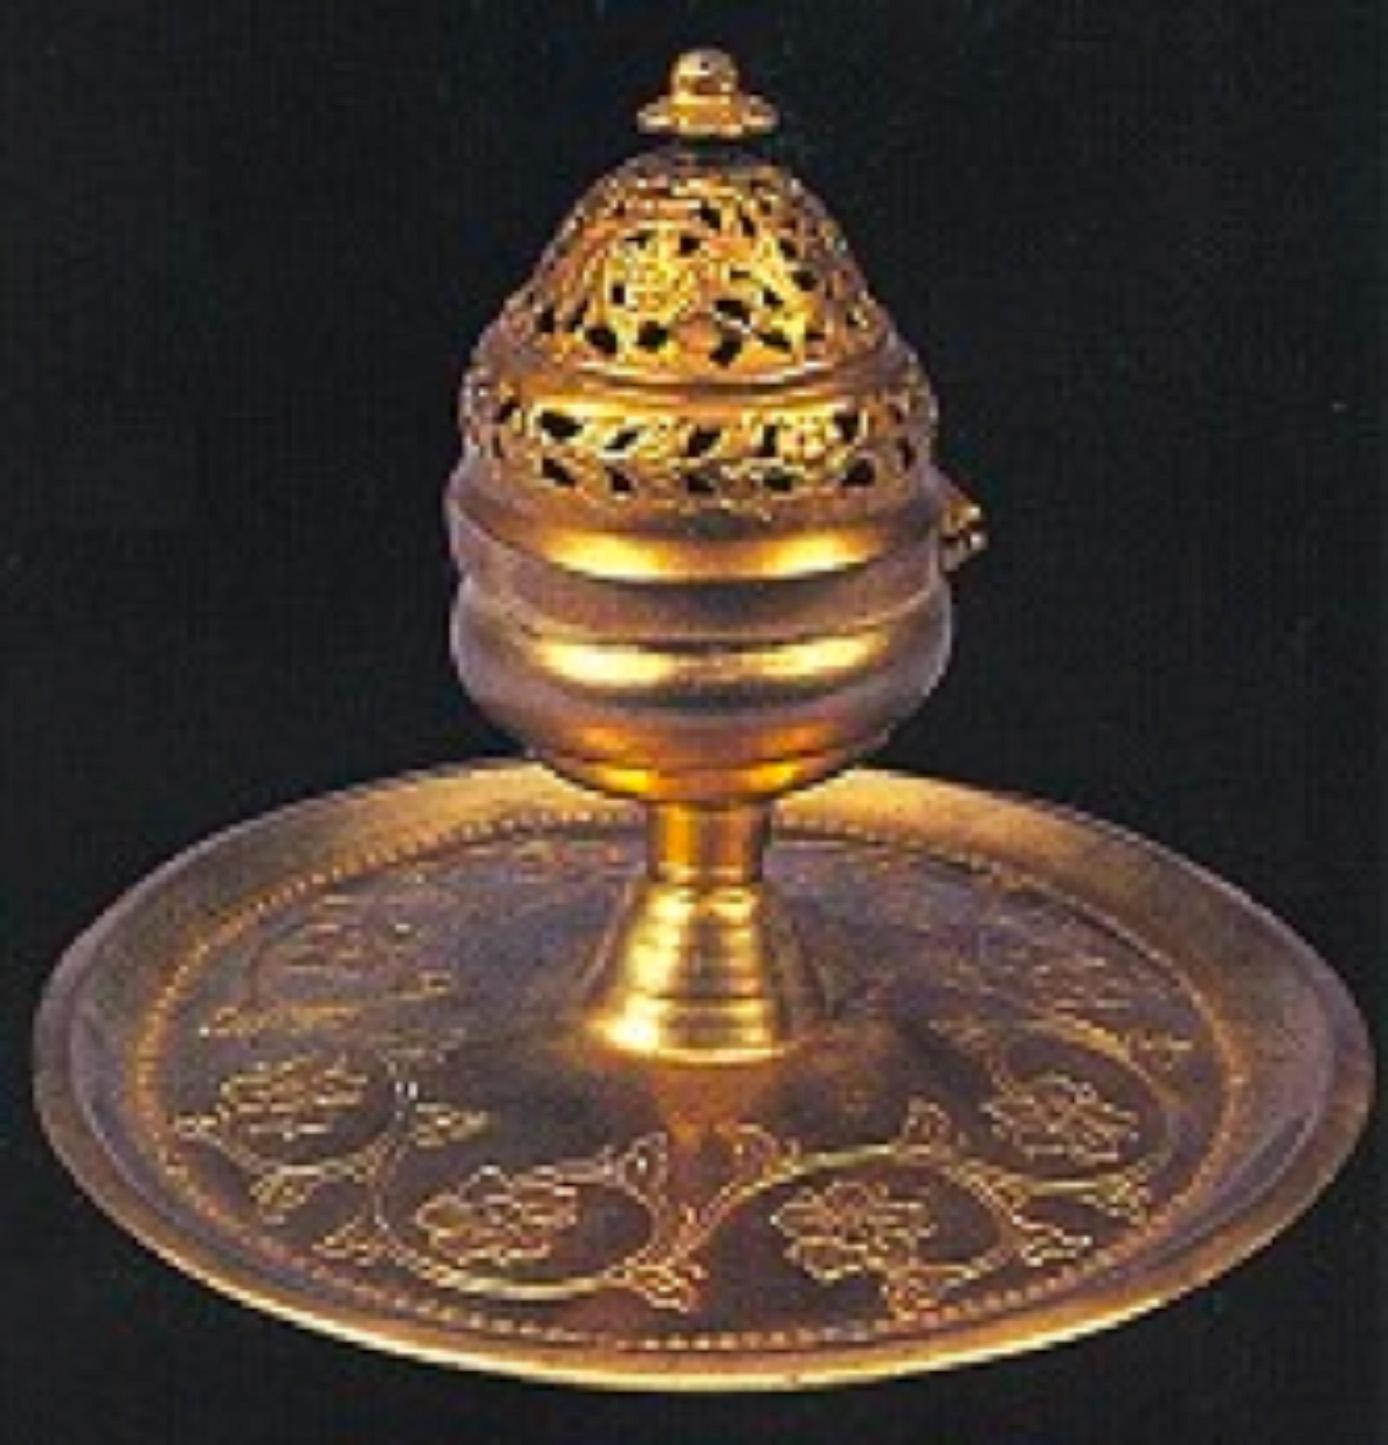 TOMBAK BUHURDAN Tabla çapı 19.5 cm ve yüksekliği 15 cm olan tombak buhurdan 19.yüzyıl ürünüdür. Küçük bir tepsiyi andıran tabla zemini iri kıvrımlı dallara bağlı rozet ve hatayilerden oluşan kalemişi bir çelenkle bezelidir. Desenlerin içleri, kumlanarak çökertilmiştir. Tablanın ağız kenarına yakın kısmı, baskı tekniğinde yapılmış bir boncuk dizisiyle çevrilidir. Dışa dönük kenarlı tablanın merkezindeki bir bombeden yükselen gövde, dövülerek şekillendirilmiştir. Ateşlik kısmı bezemesiz olup ağız kenarına doğru daralmaktadır. Ateşliğe menteşeli ve ona geçme kapak, boğumlu bir kubbe şeklindedir. Düz olan ağız kenarının üstündeki boğum, rozet ve yaprak bağlantılarından oluşturulmuş bir çelenkle bezelidir. Yaprak ve rozet araları oyulmuştur. Tepe boğumunda birbiri içine geçen, araları oyulmuş, girift kıvrık dallar, yaprak ve çiçekler bulunmaktadır. Ve tepesinde papatya biçiminde bir tutamak yer almaktadır.